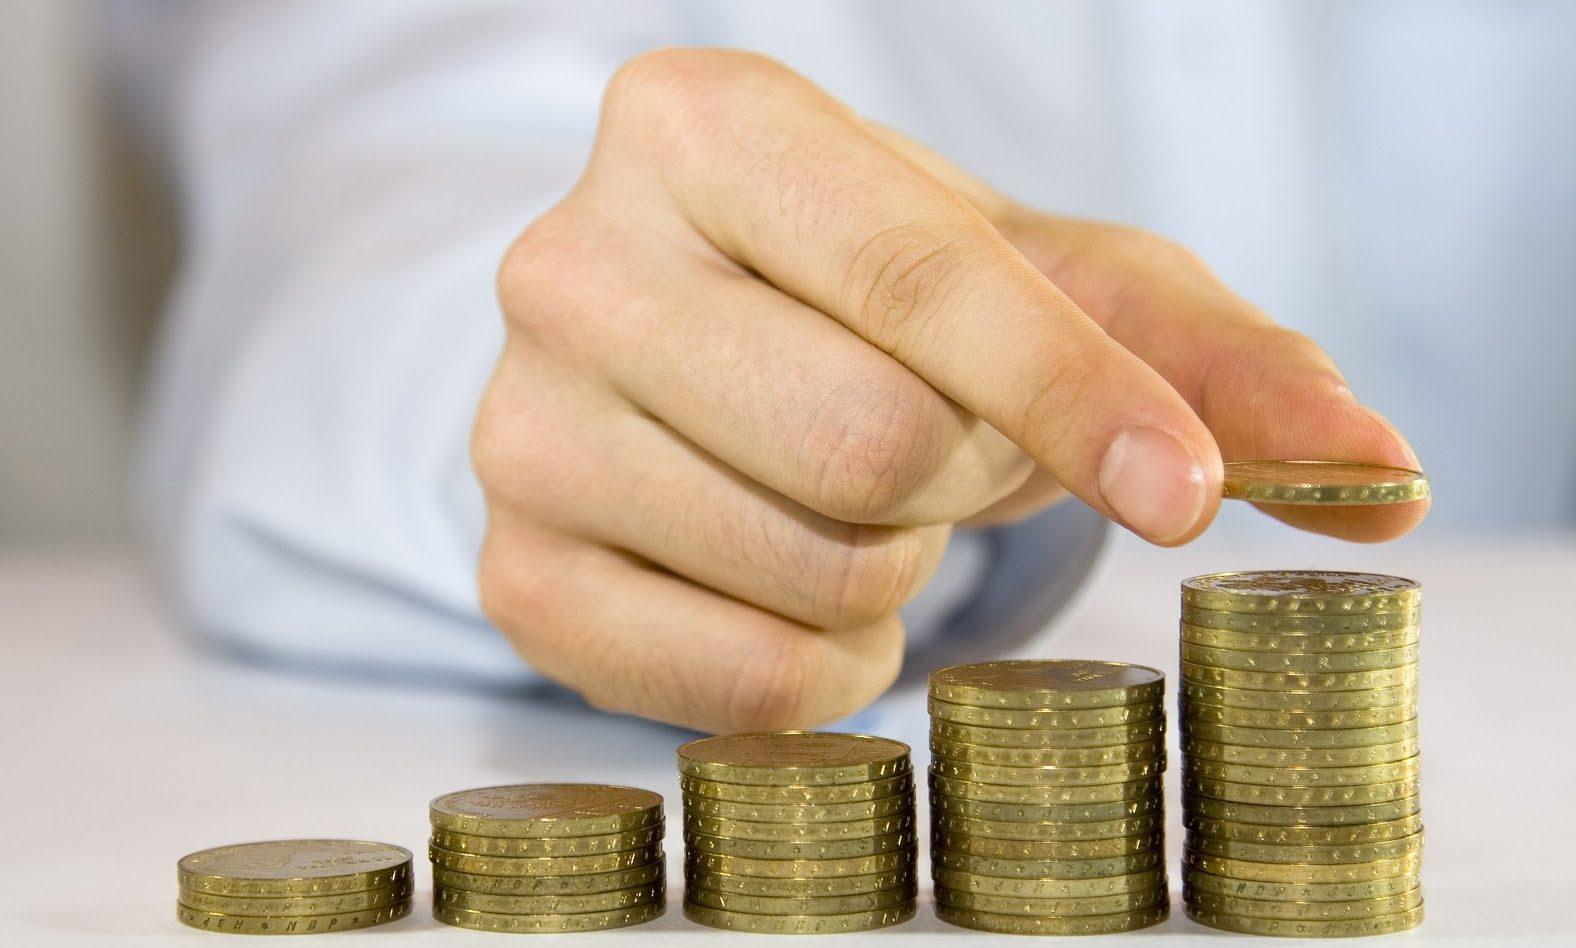 hogyan lehet most nagy pénzt keresni)